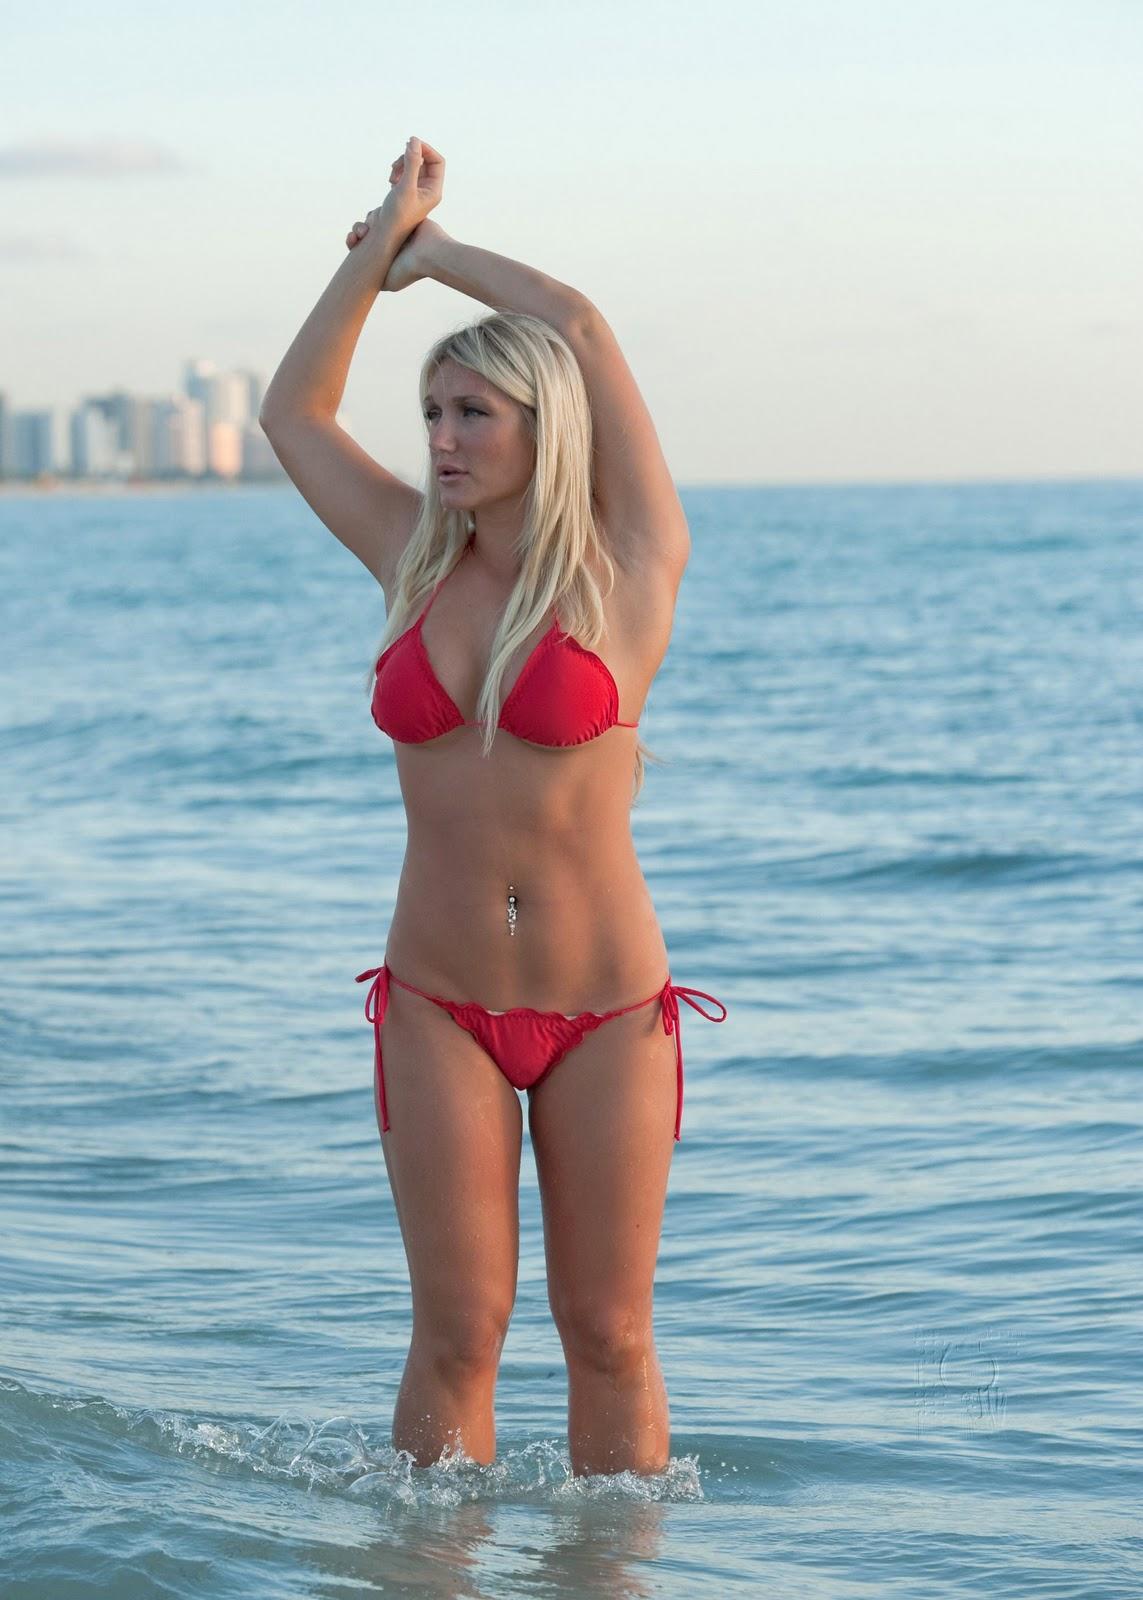 Brooke Hogan Amazing Big Tits Porn Video a7 - xHamster